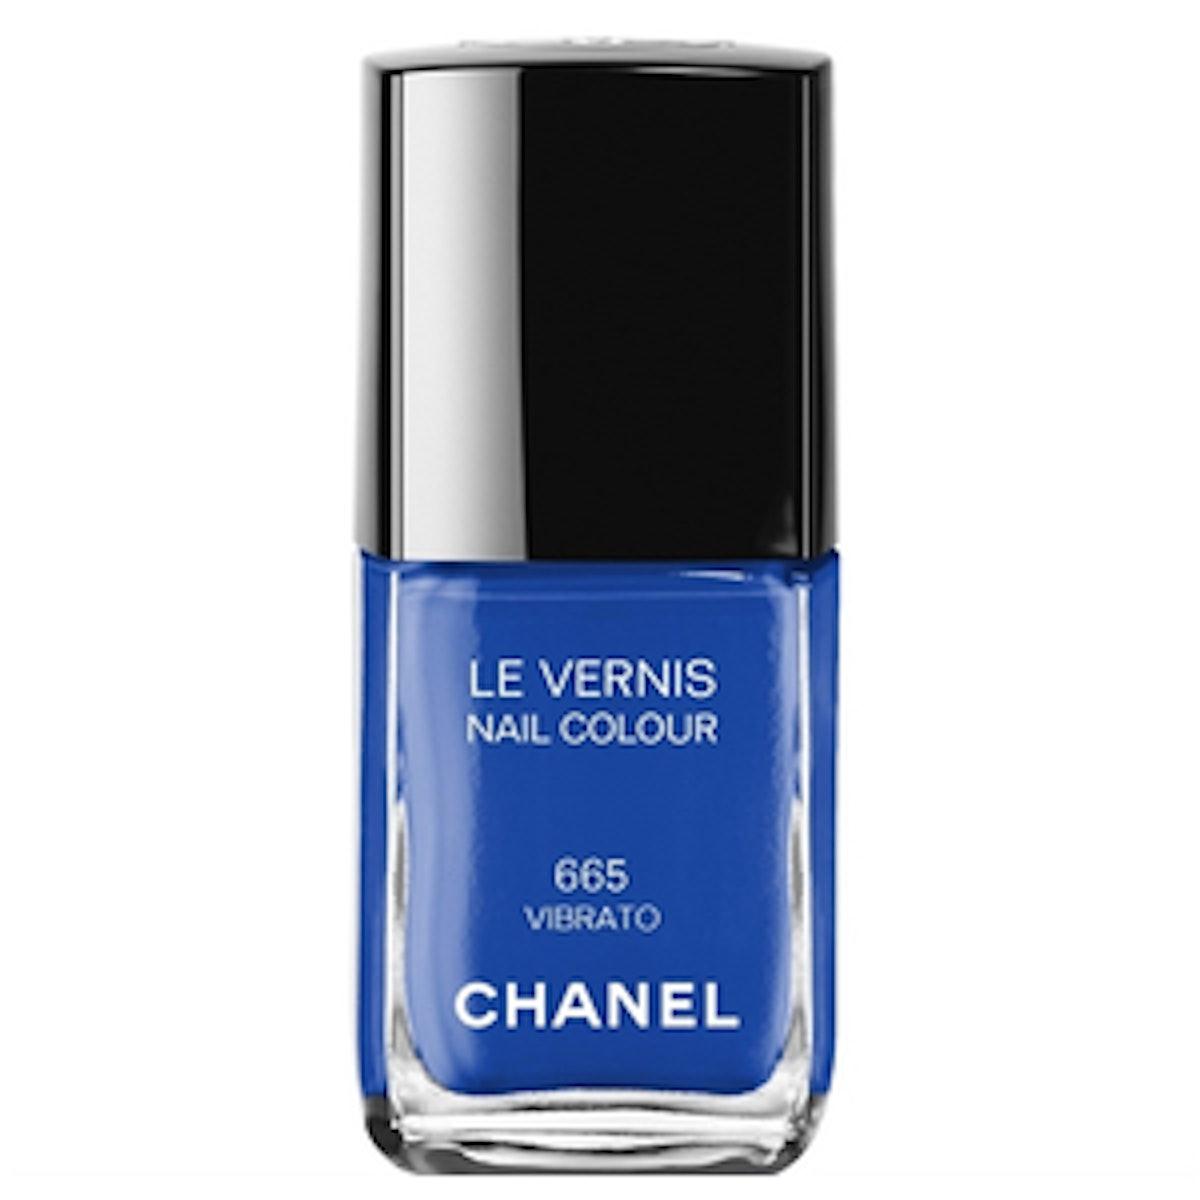 Le Vernis Nail Colour in Vibrato